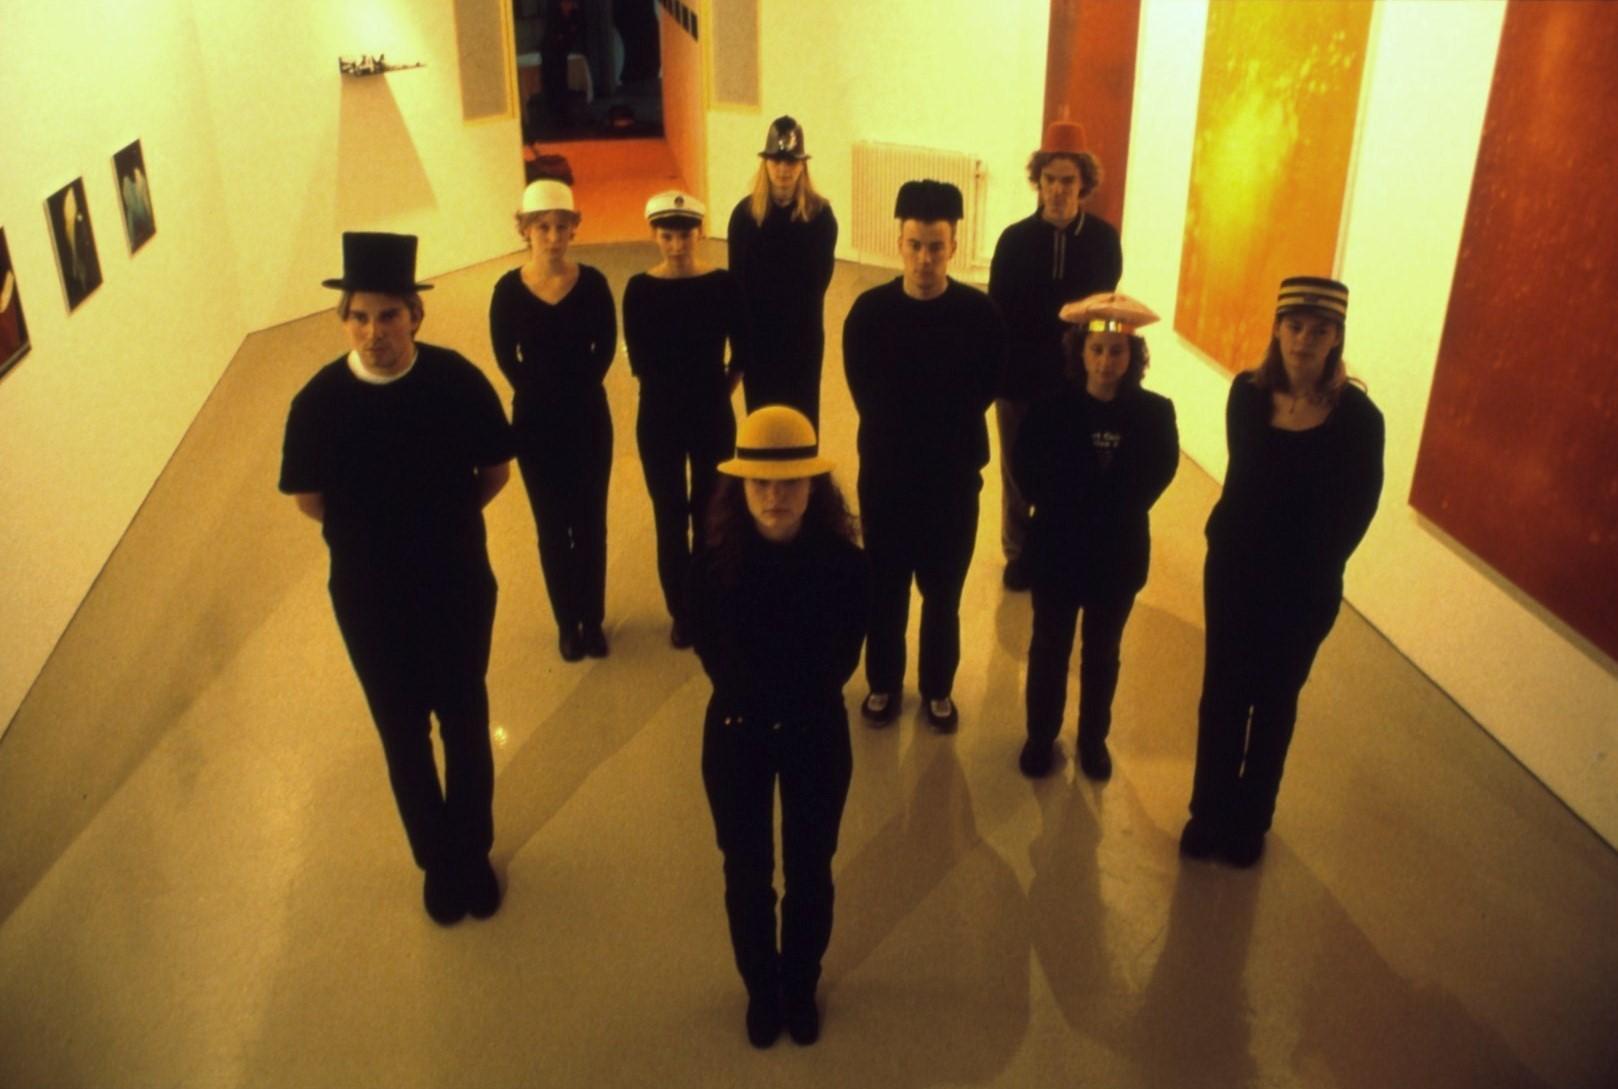 9 Bachelors,participatie-performance(uniforme et livrées),1999,Minerva-academie,Groningen